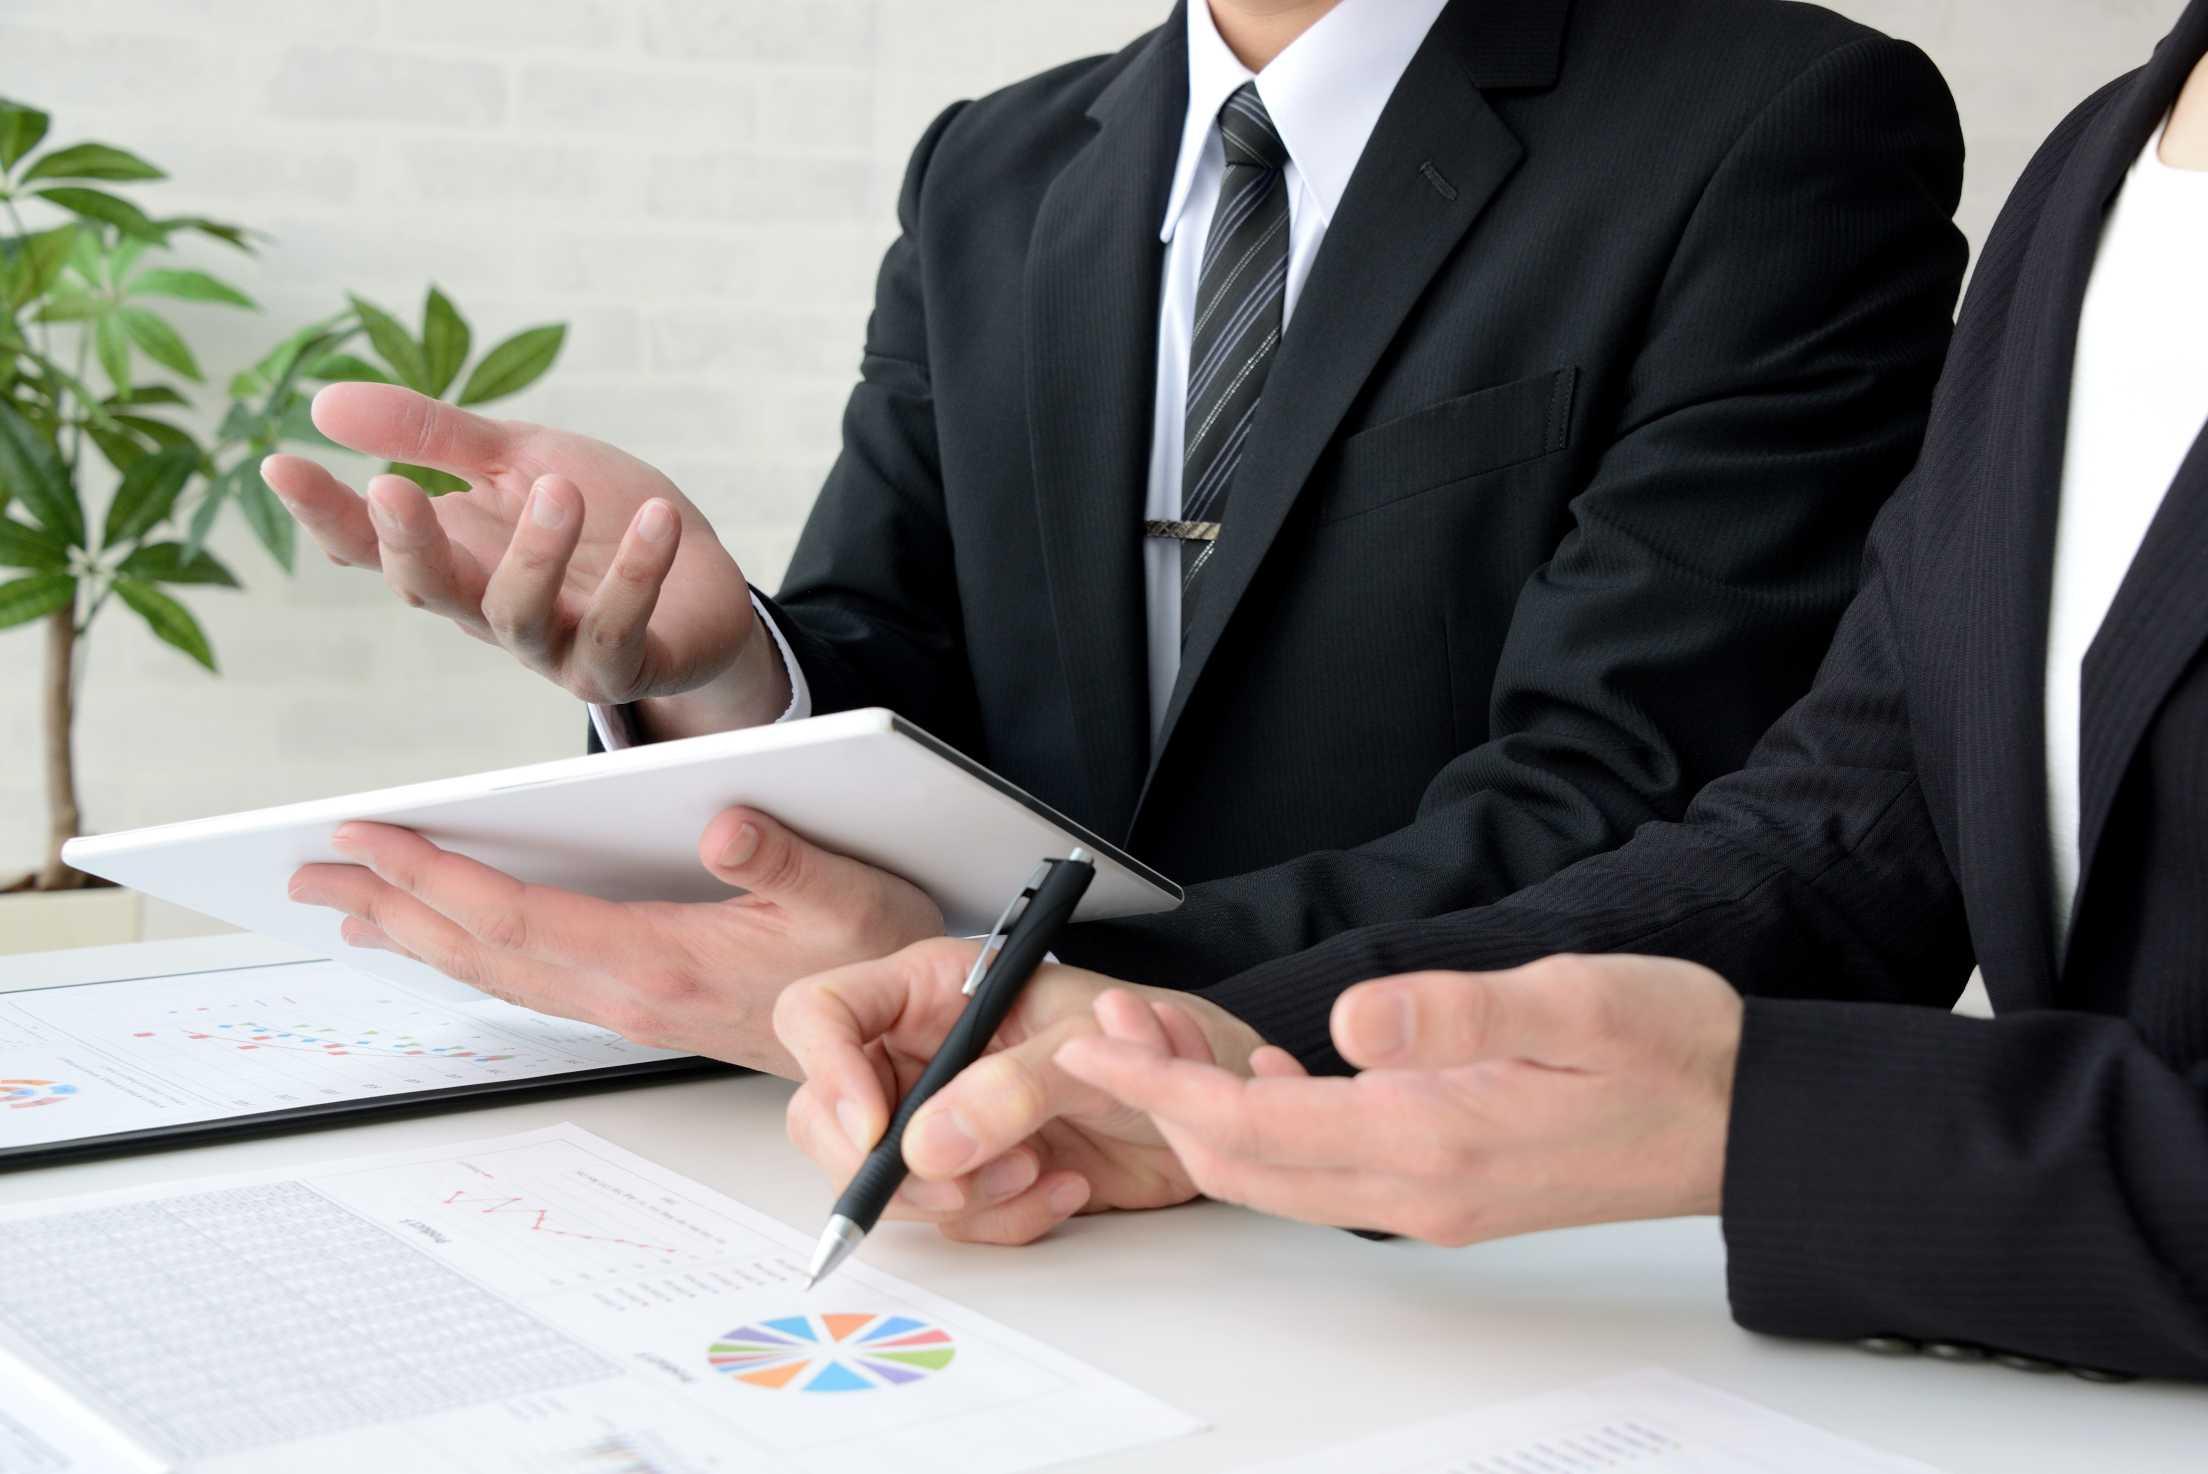 会社をたたむ費用・流れ・手続きを解説。検討したい3つのポイント